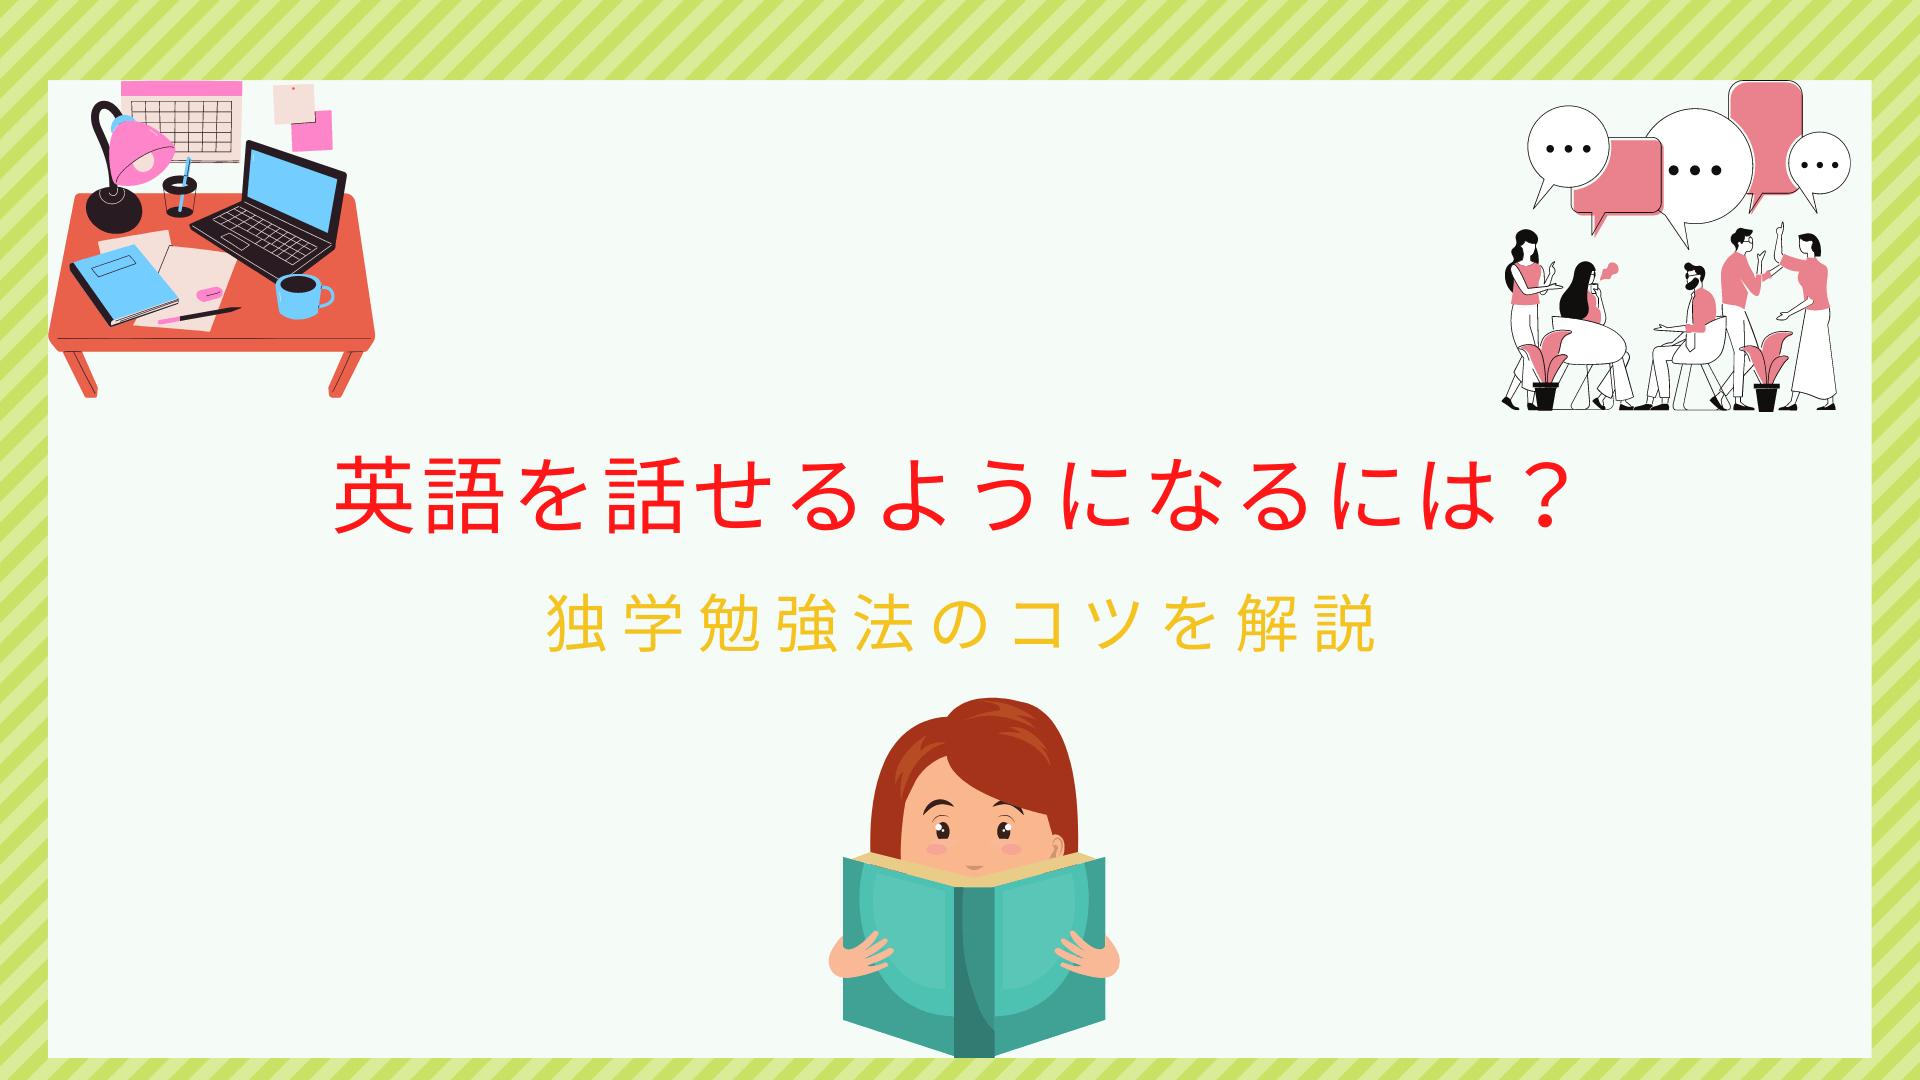 英語を話せるようになるには?独学勉強法のコツを解説